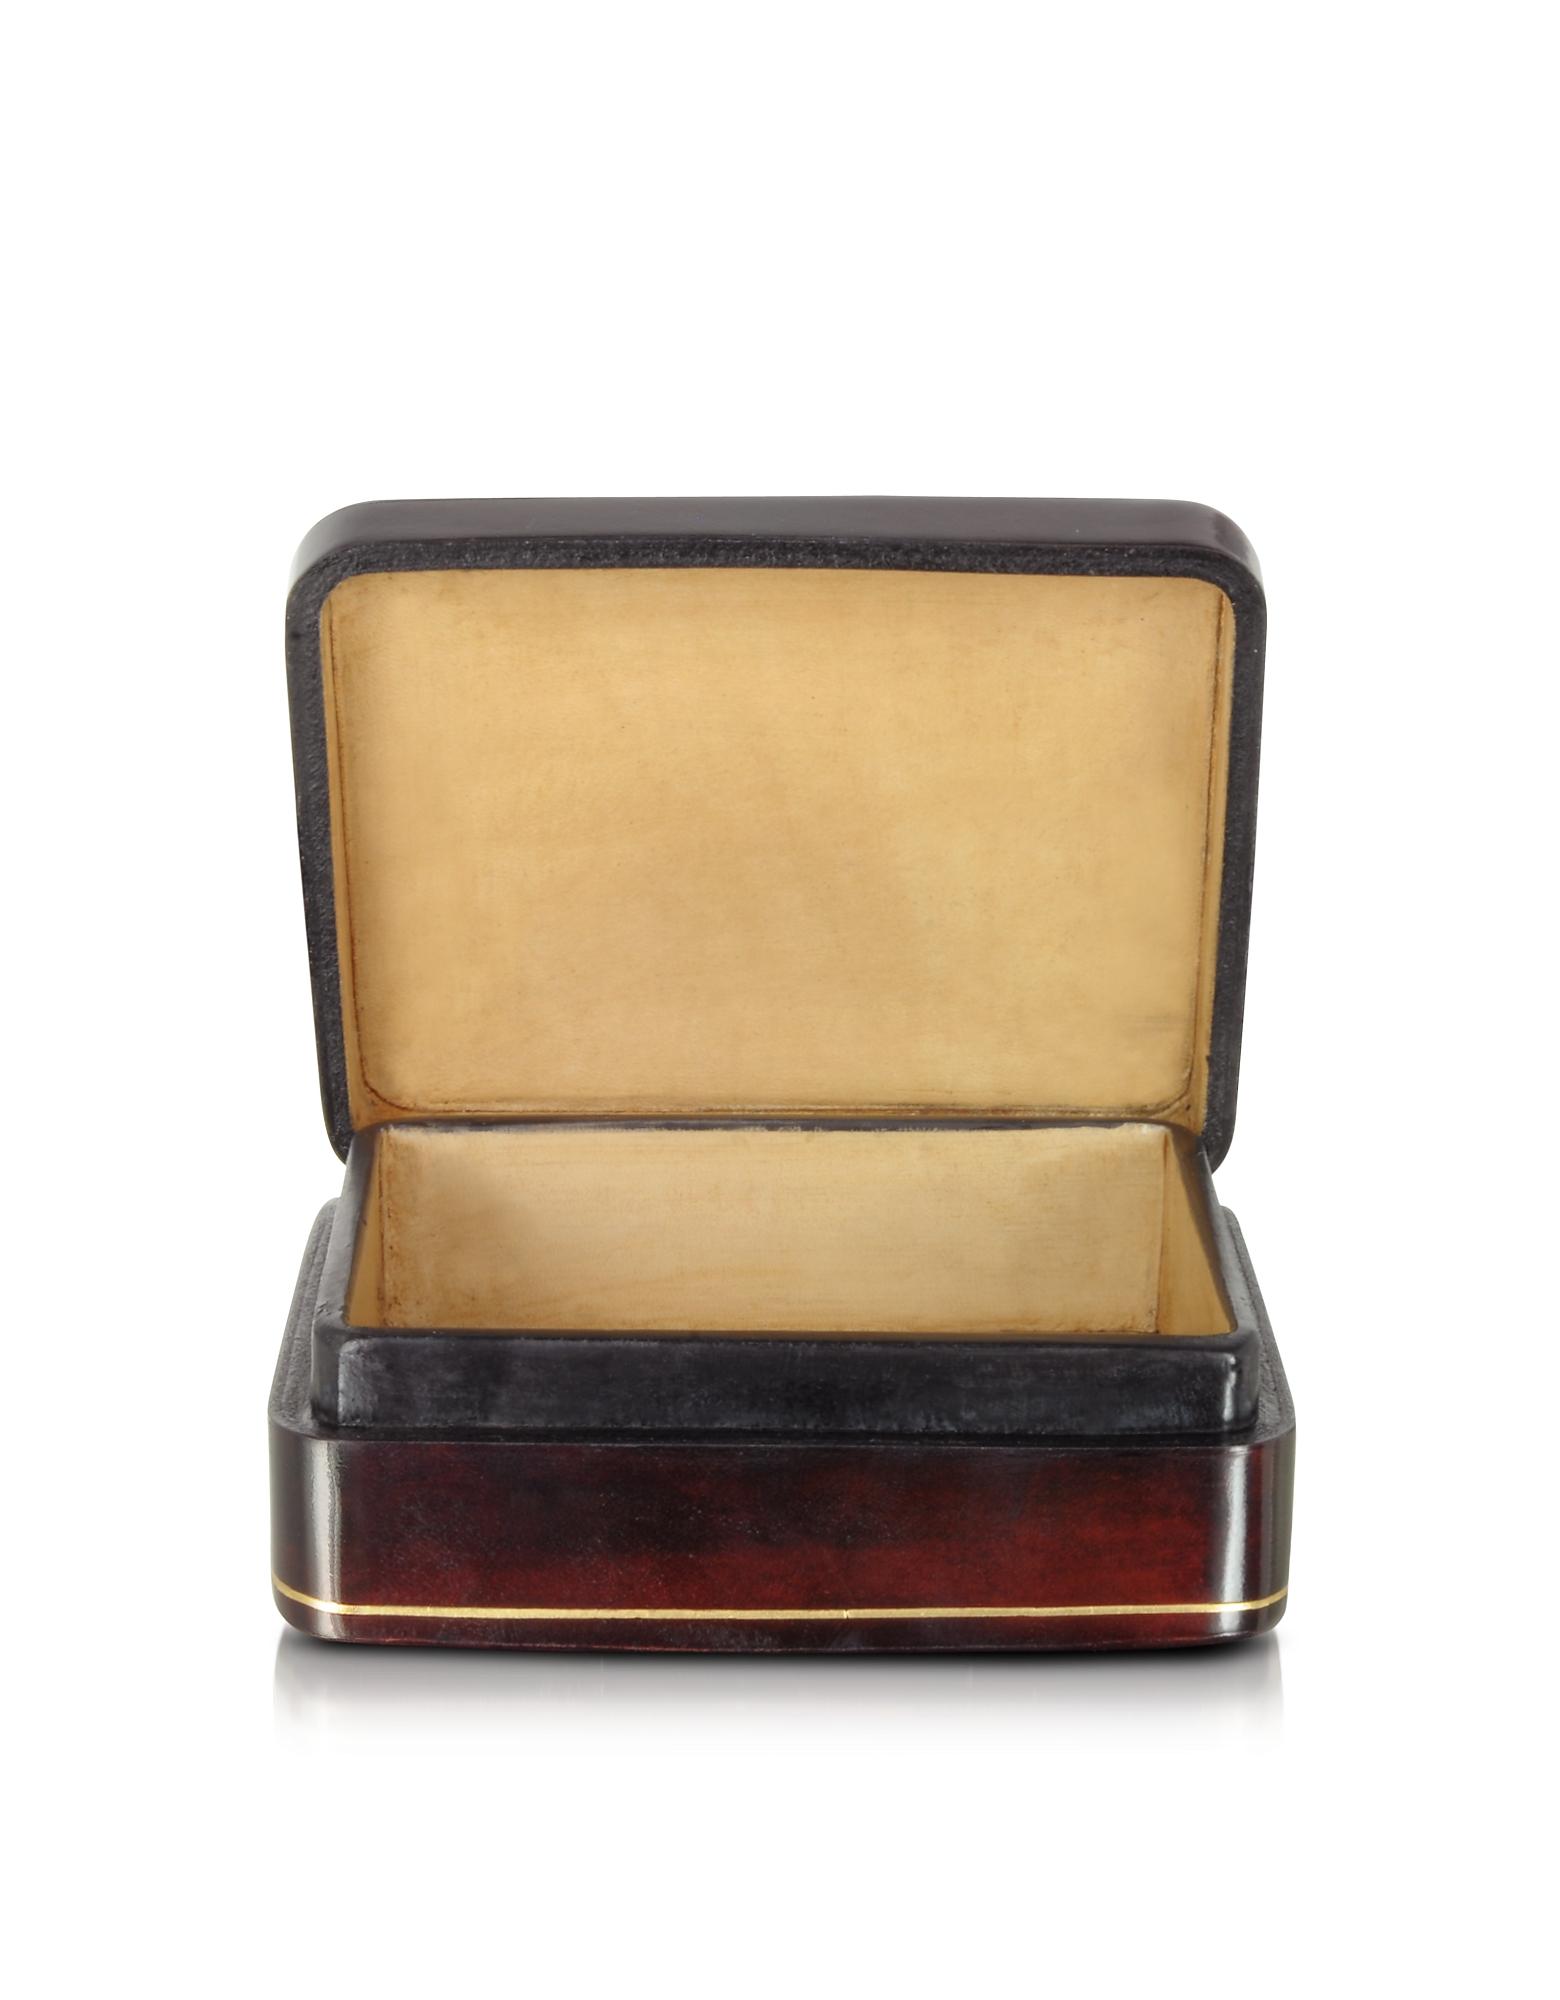 Oil on Leather Mini Jewelry Box w/Light Blue Flower от Forzieri.com INT